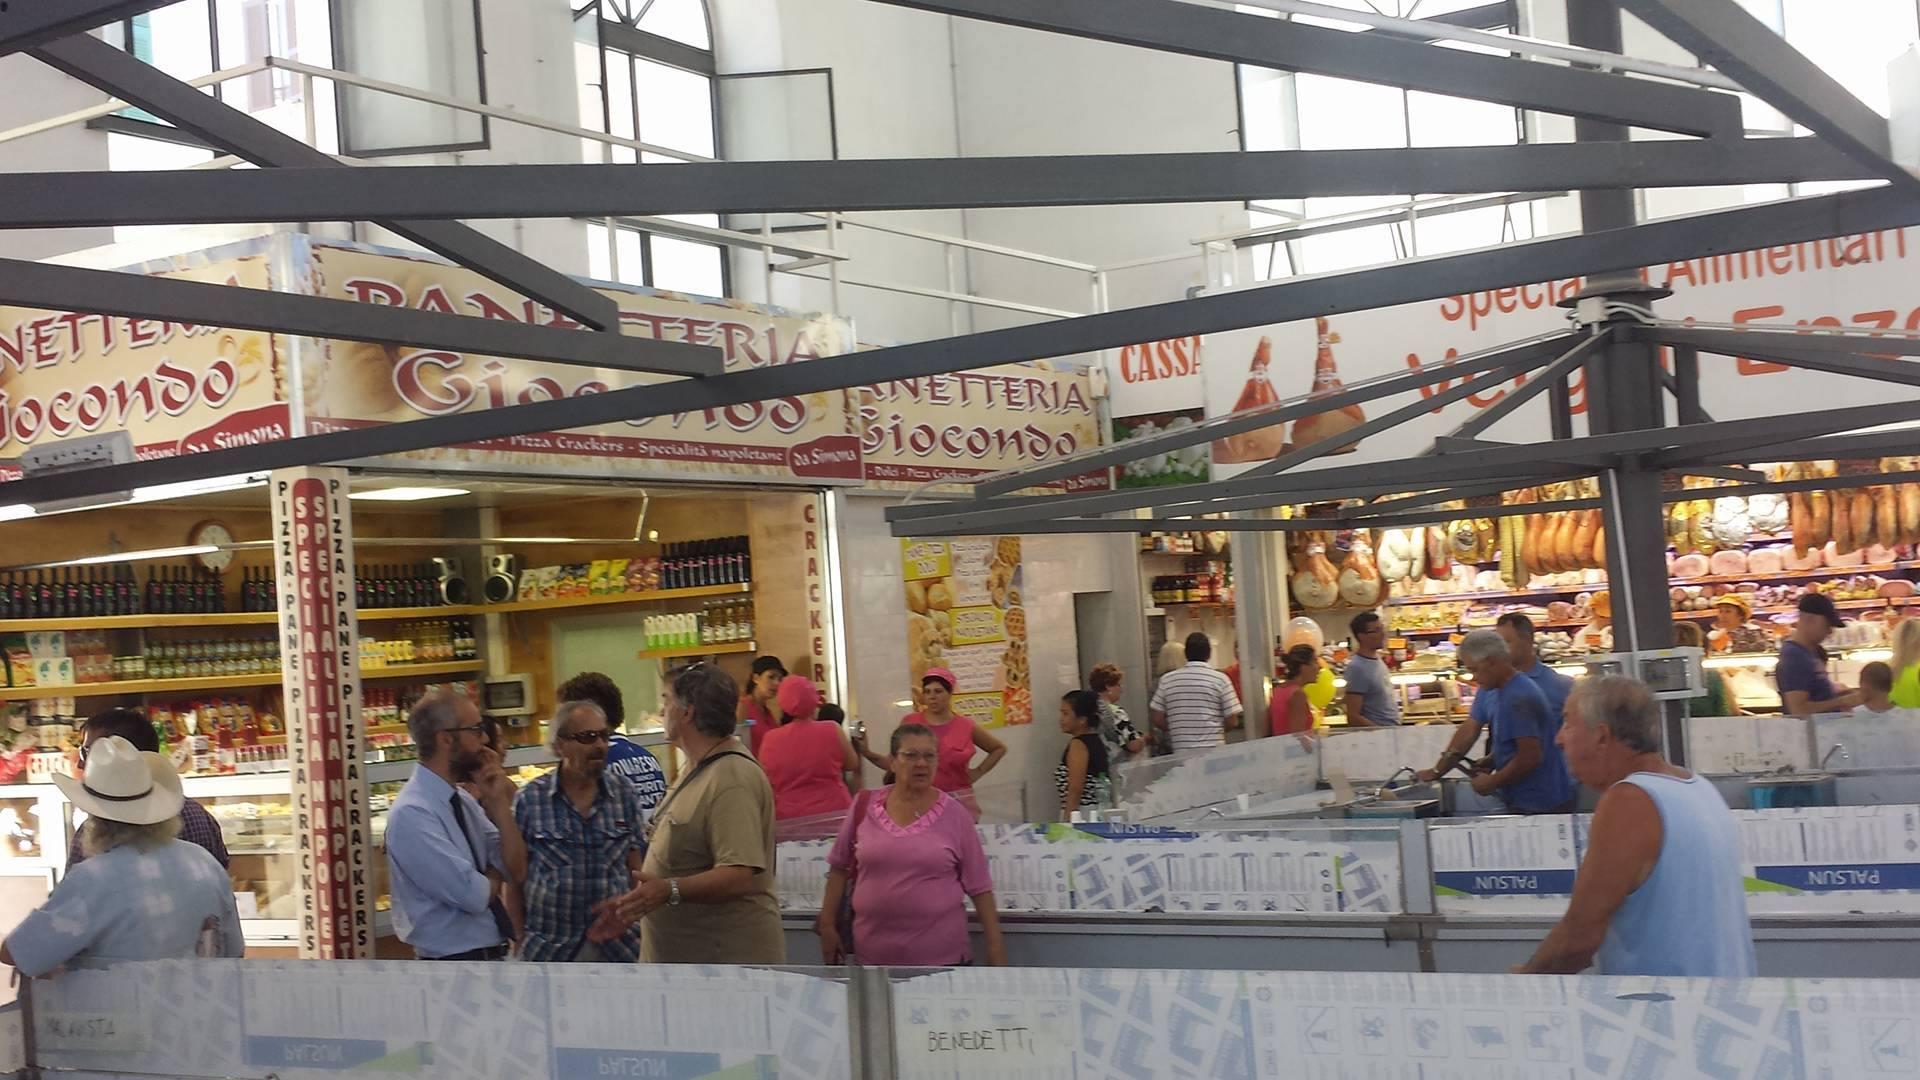 cozzolino mercato coperto